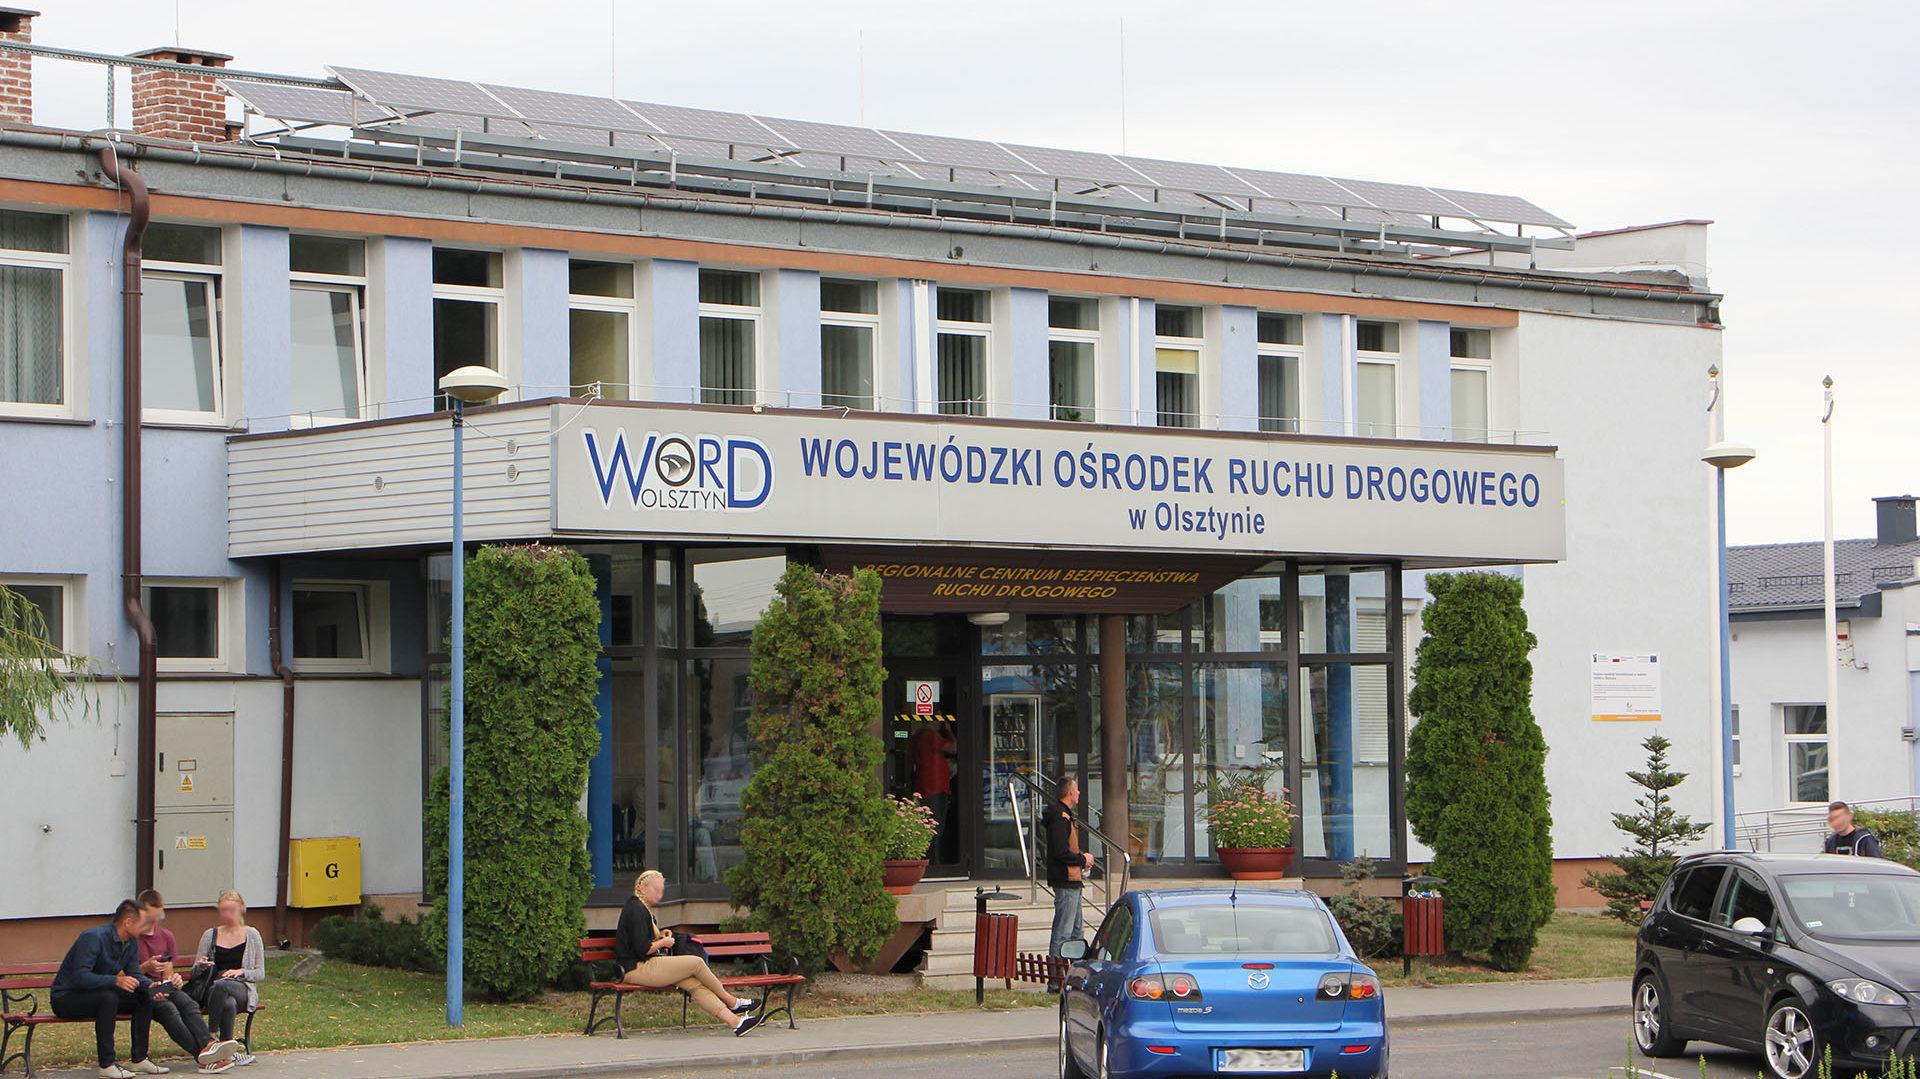 WORD Olsztyn – Wojewódzki Ośrodek Ruchu Drogowego